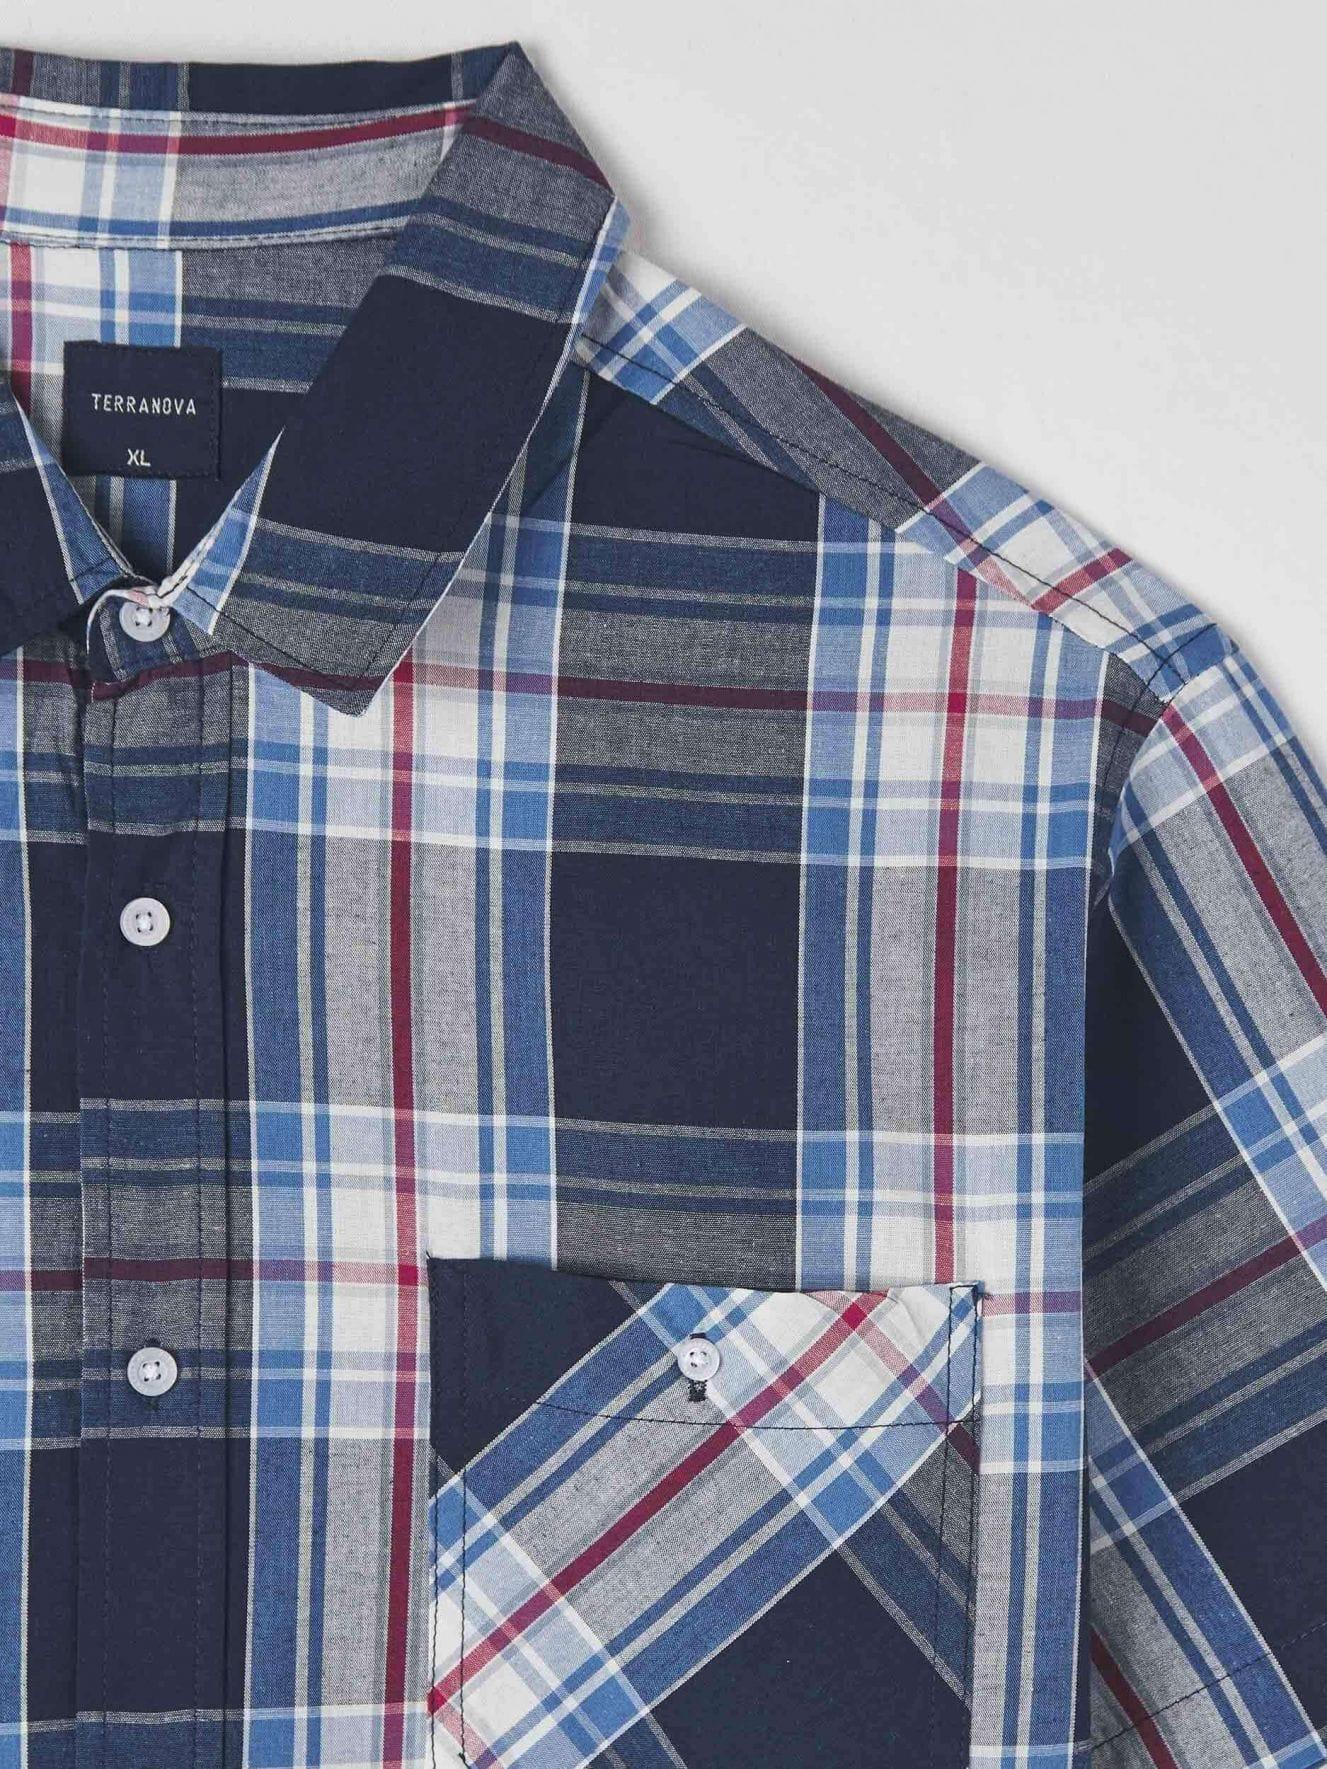 Short-sleeved shirt Man Terranova